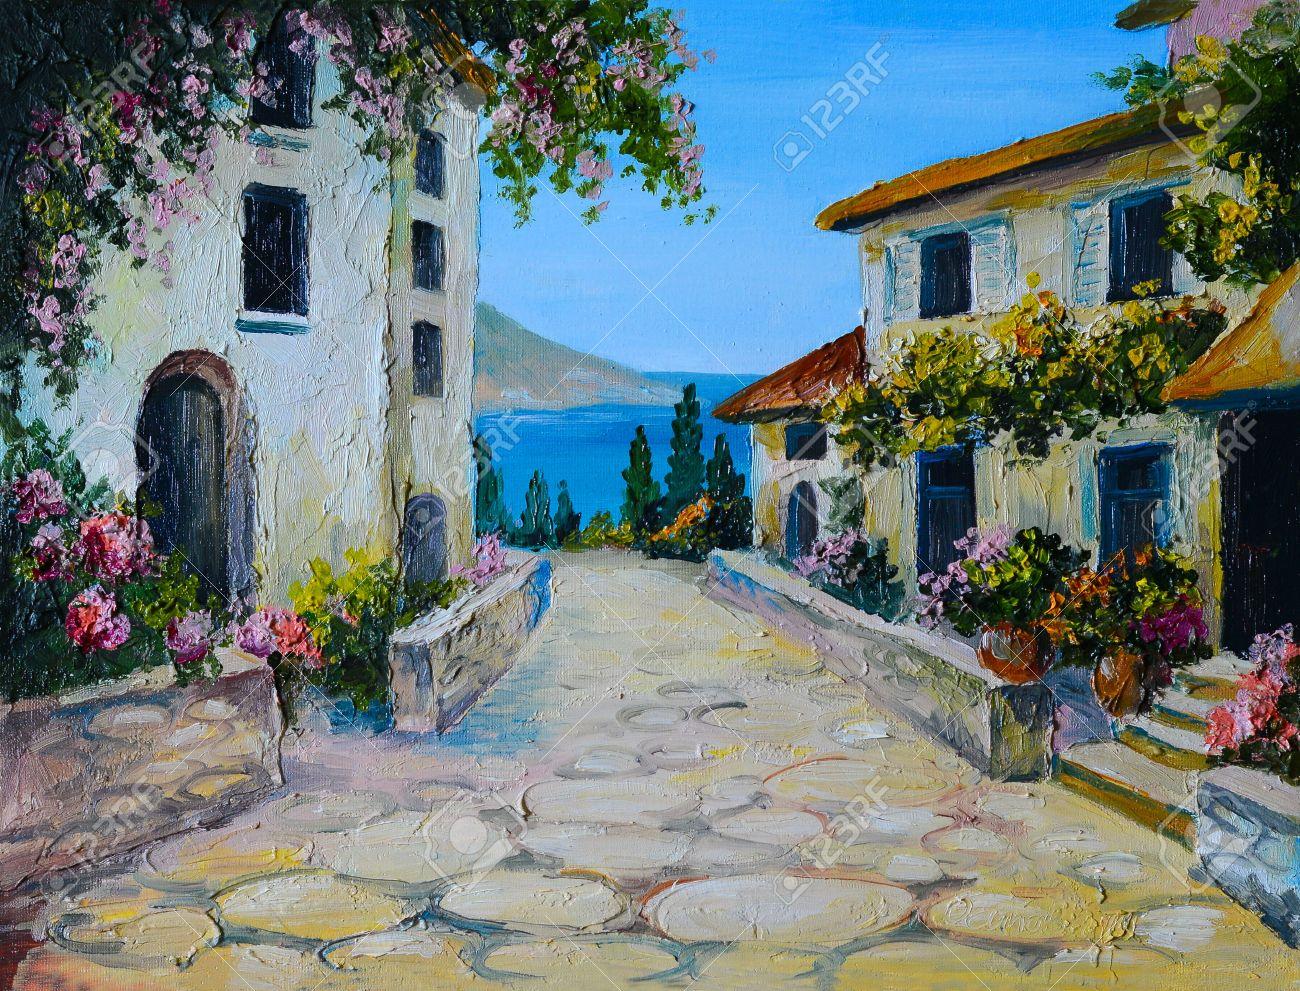 pintura al leo sobre lienzo de una hermosa casas cerca del mar dibujo abstracto